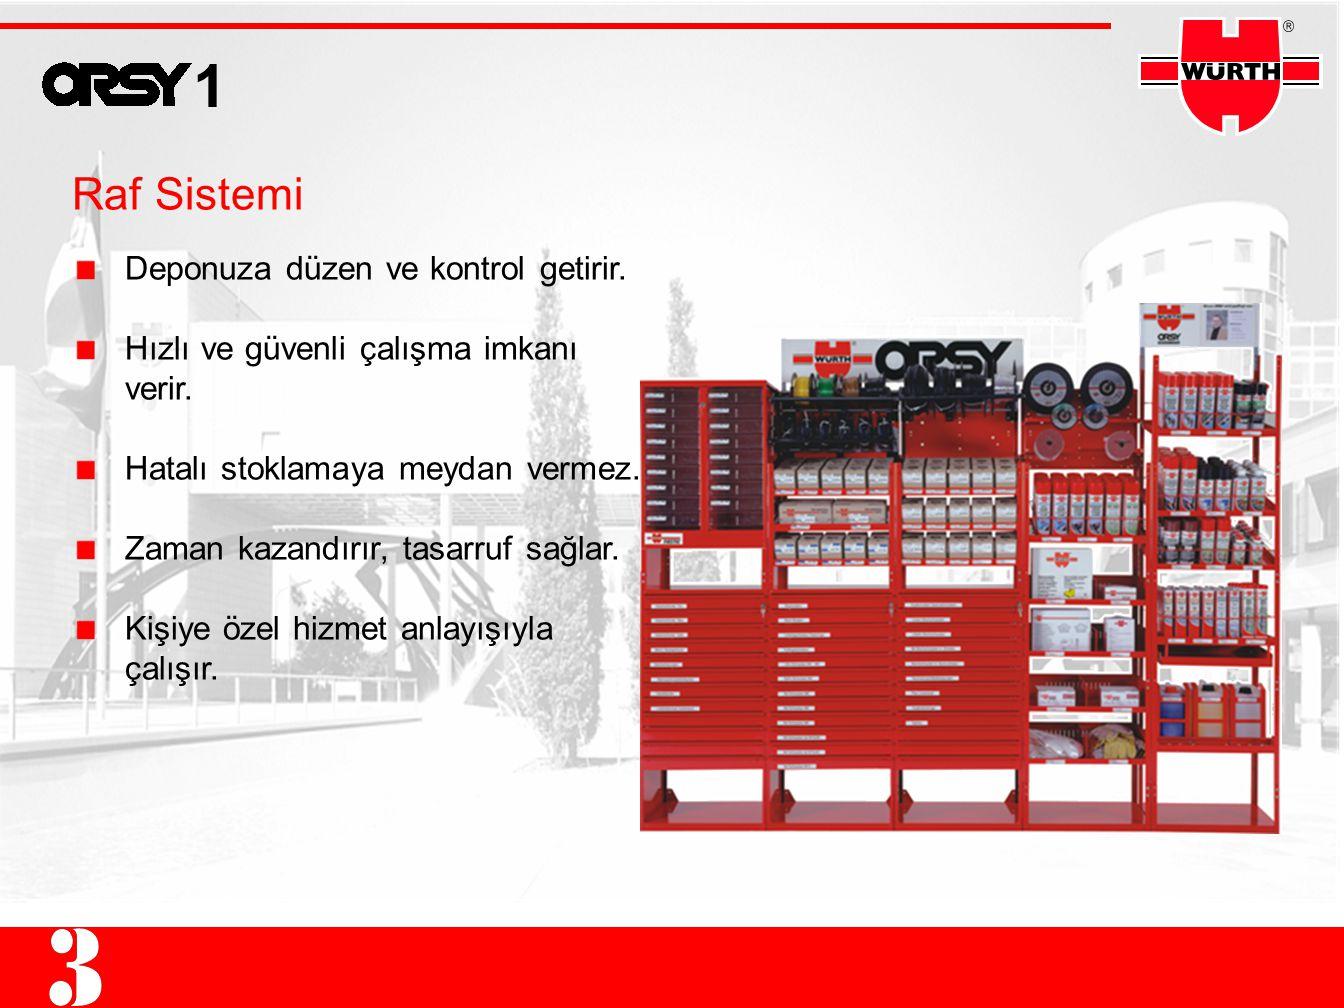 1 Raf Sistemi Deponuza düzen ve kontrol getirir.Hızlı ve güvenli çalışma imkanı verir.